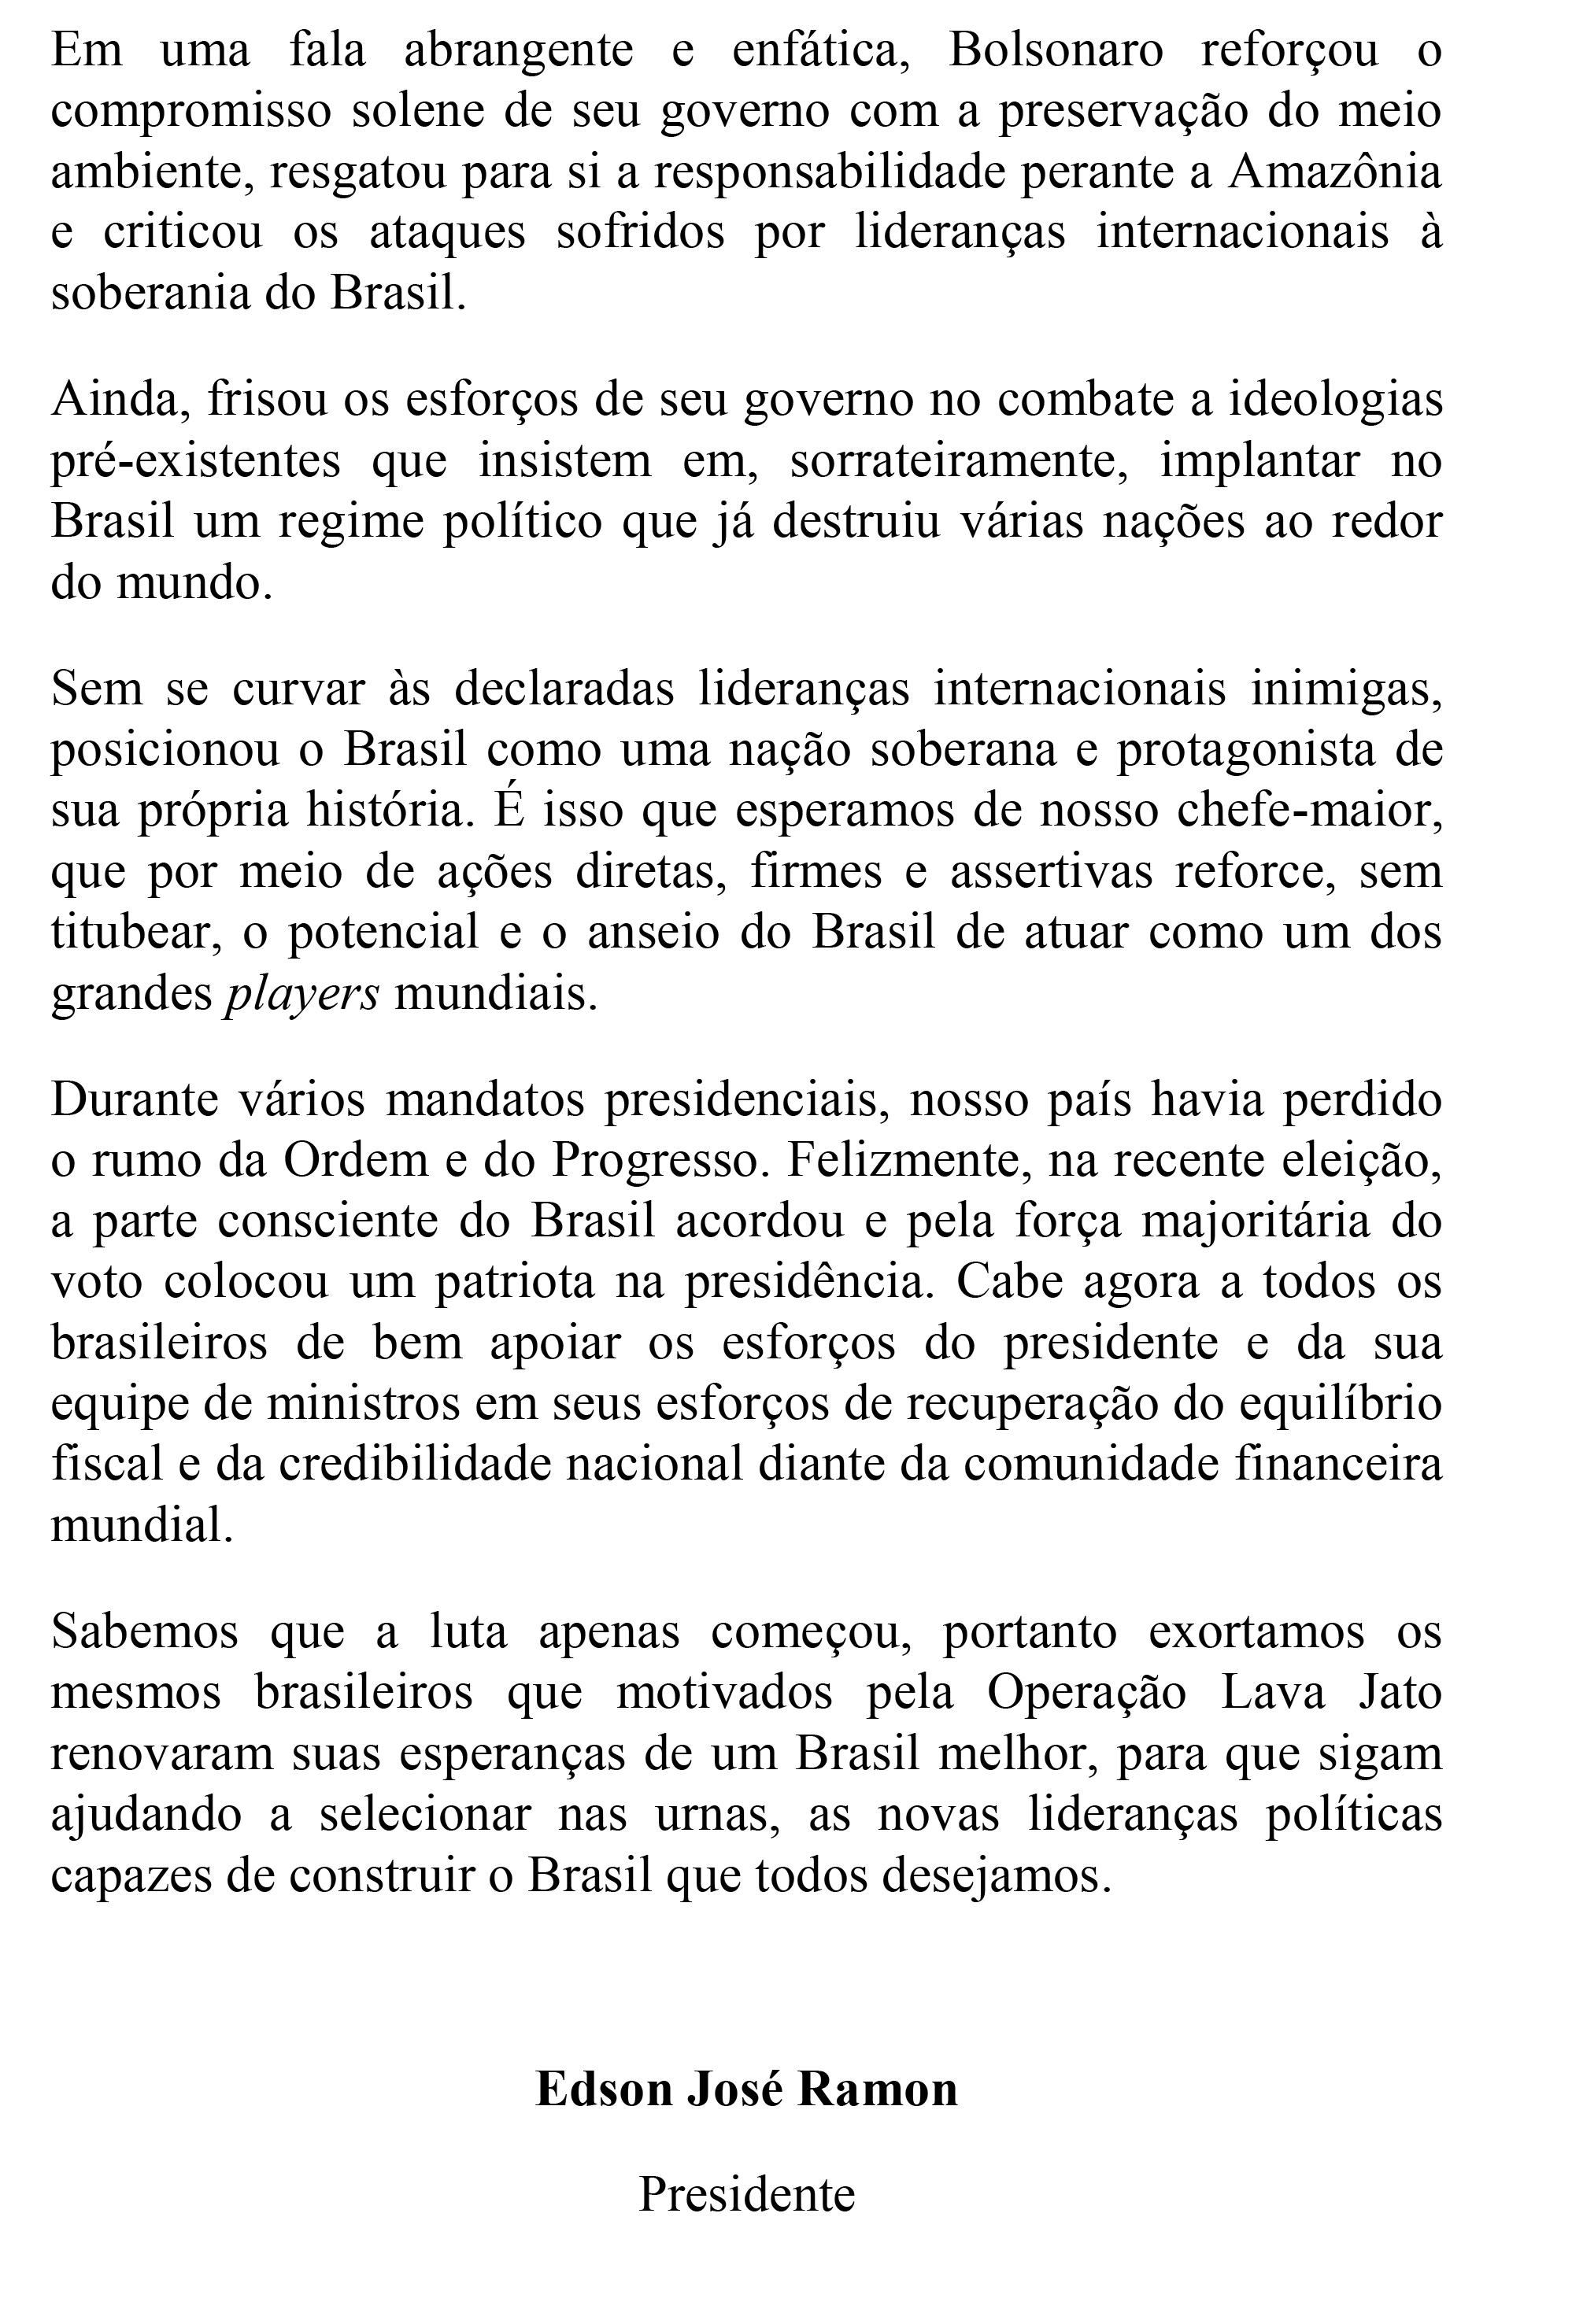 MANIFESTO IDL 25_09_2019-2